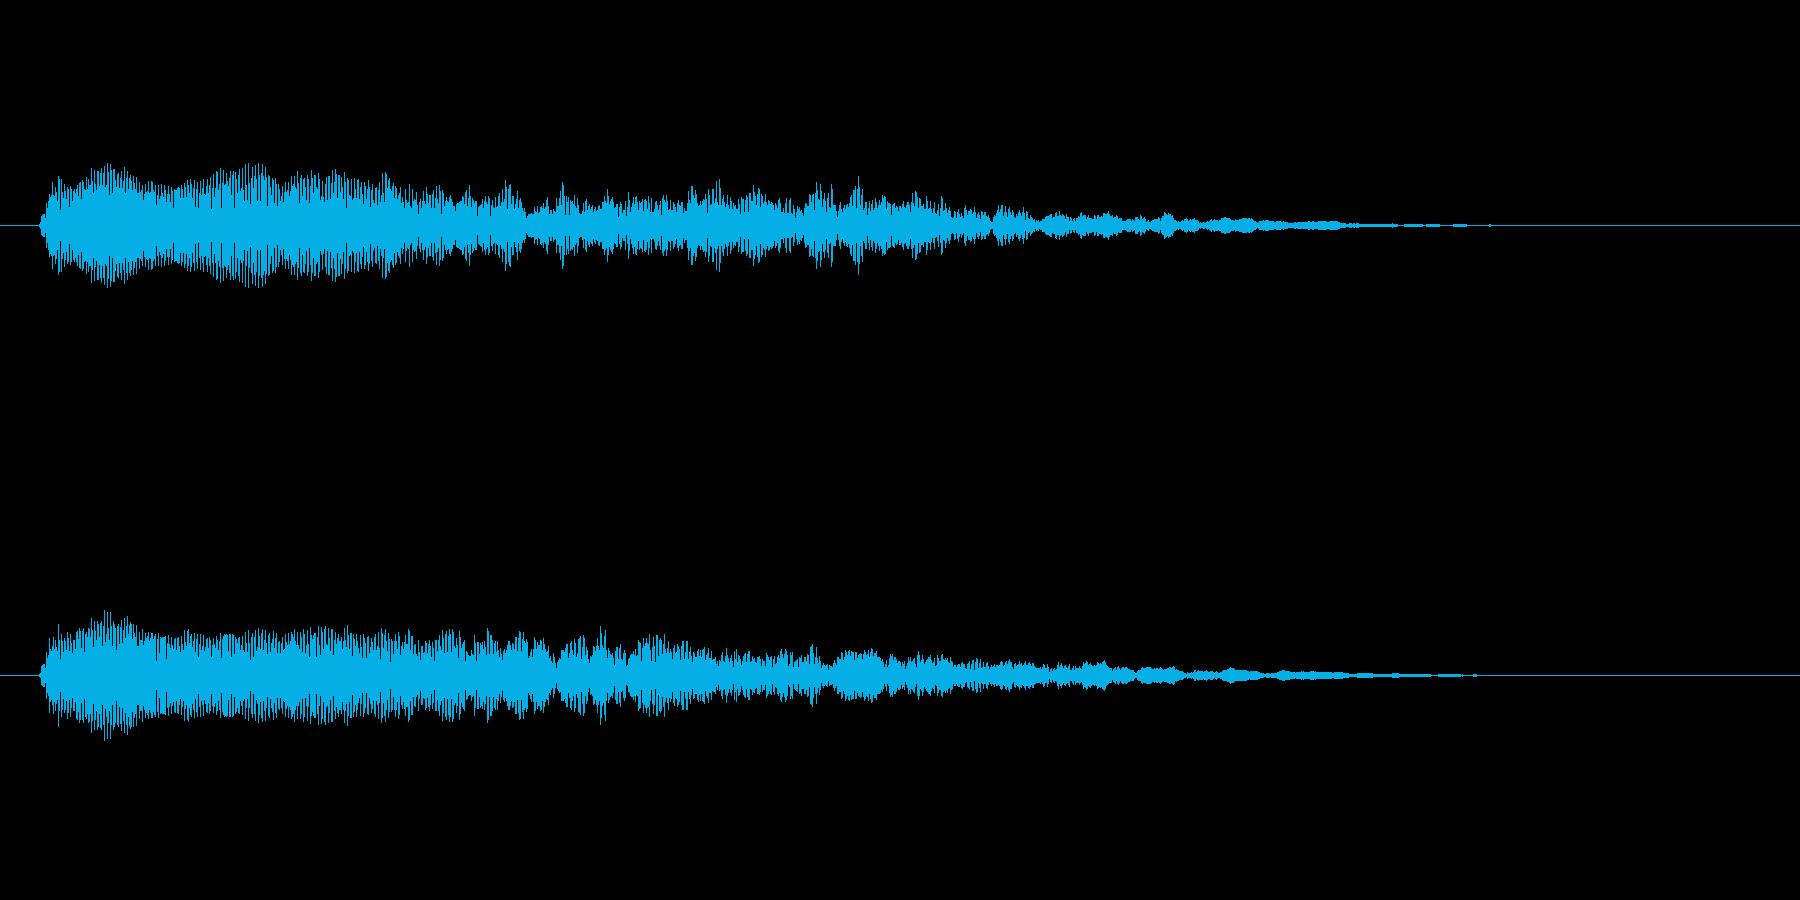 【ネガティブ04-1】の再生済みの波形